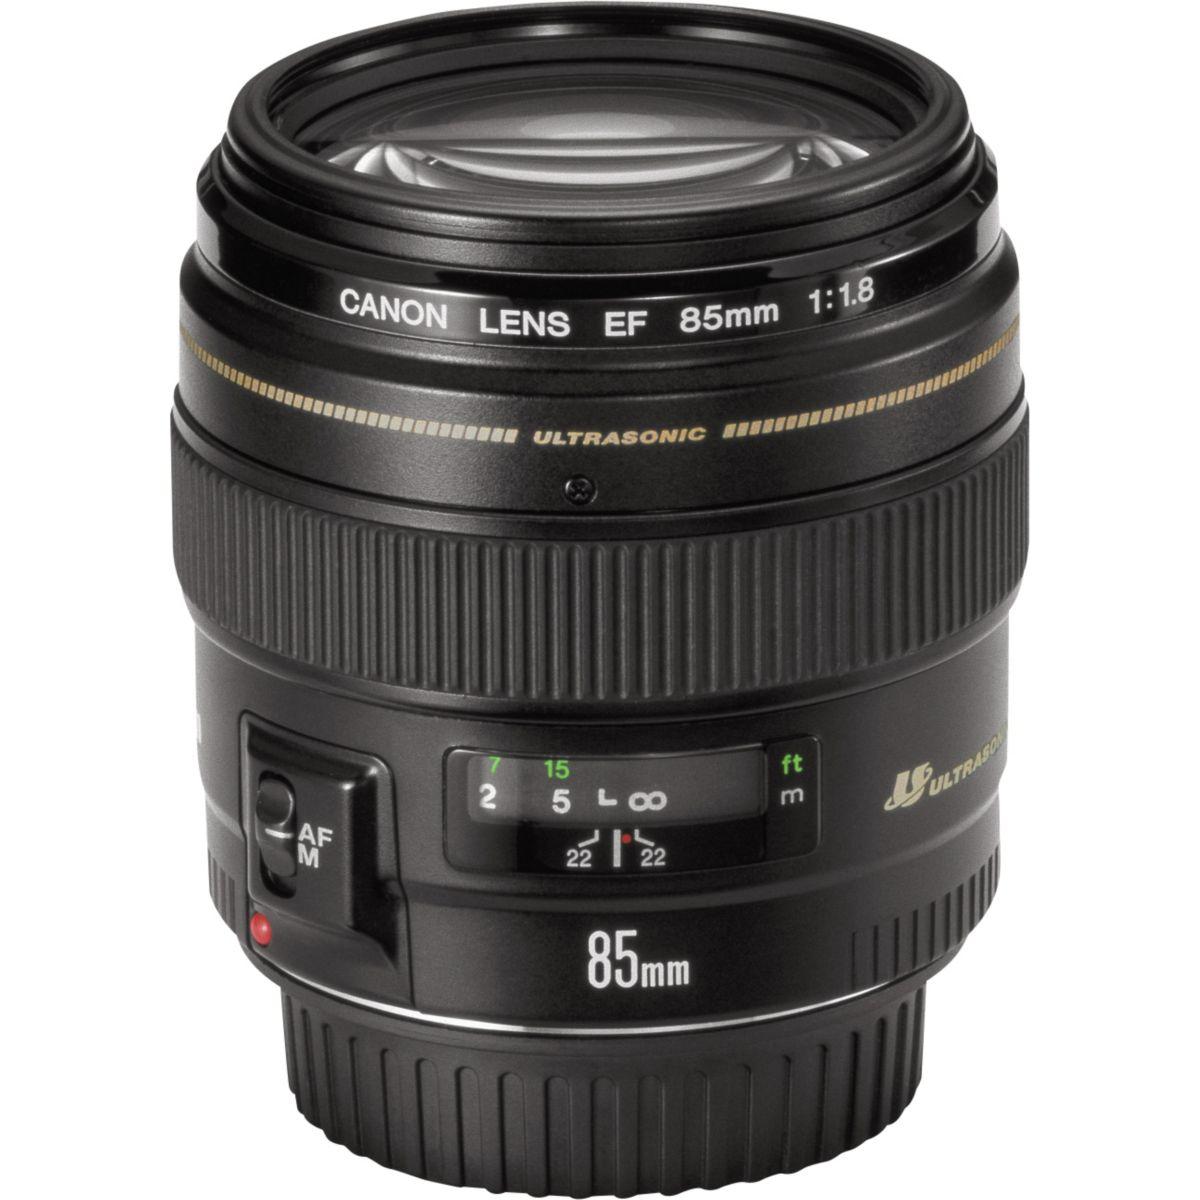 Objectif canon 85mm f/1.8 usm (pour reflex canon)